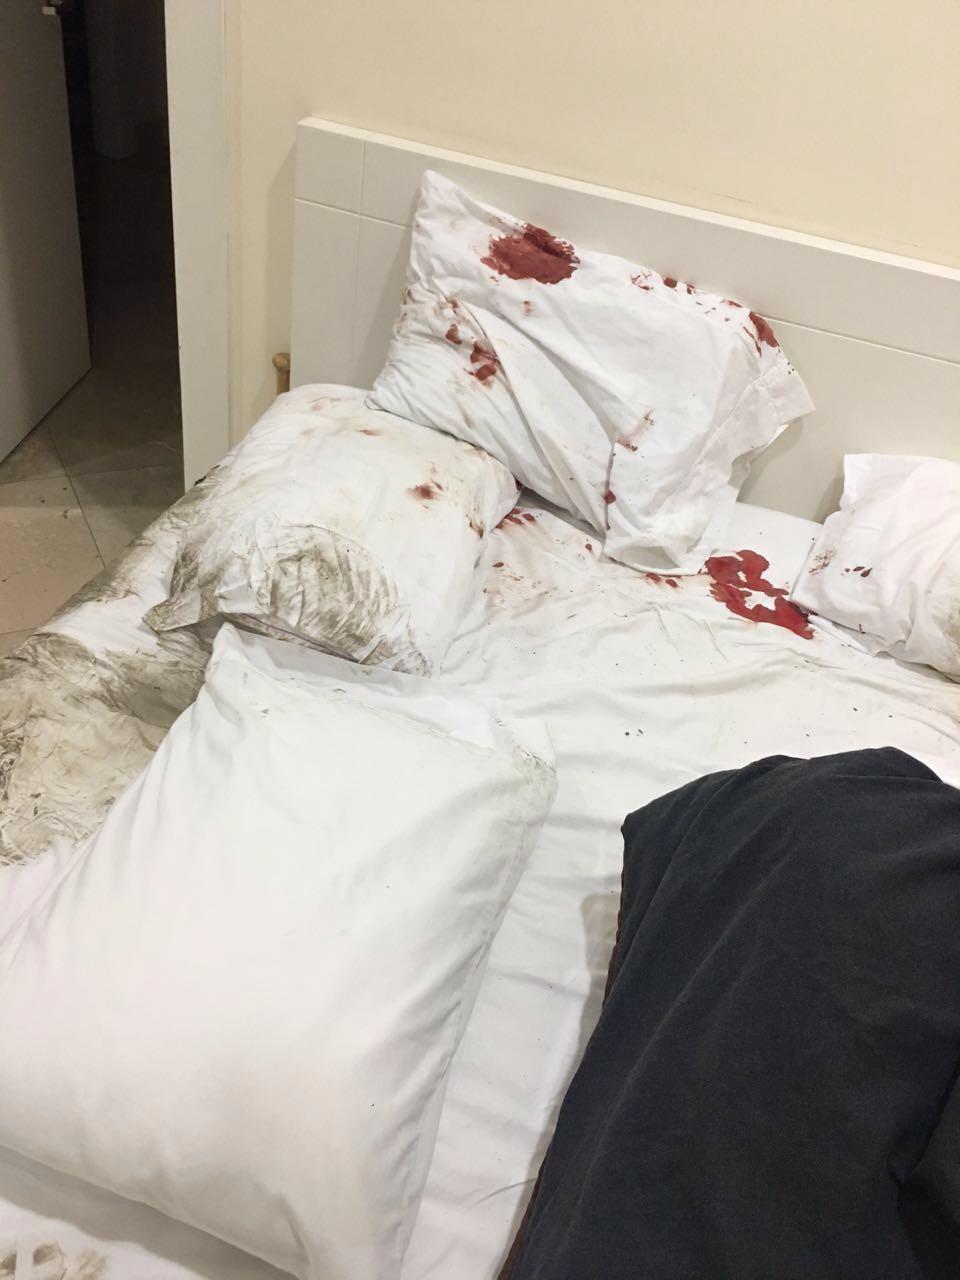 Fotos de la casa de Pablo Campana, en Samborondón, difundidas por WhatsApp, tras el asalto esta madrugada.